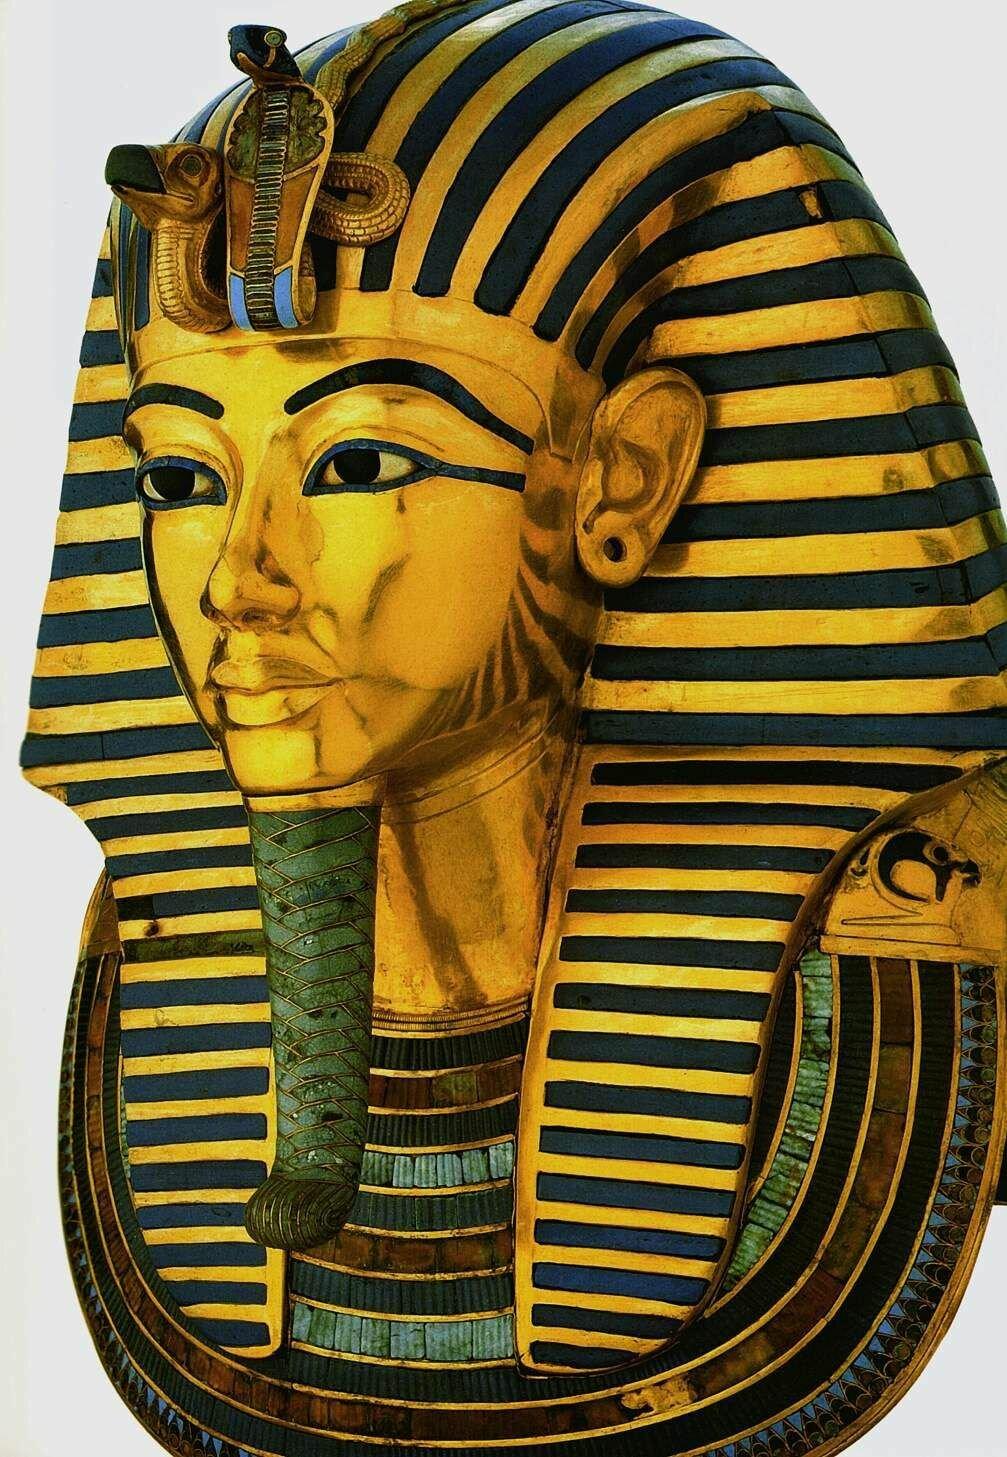 ооо картинки фараонов древнего египта келип сылап